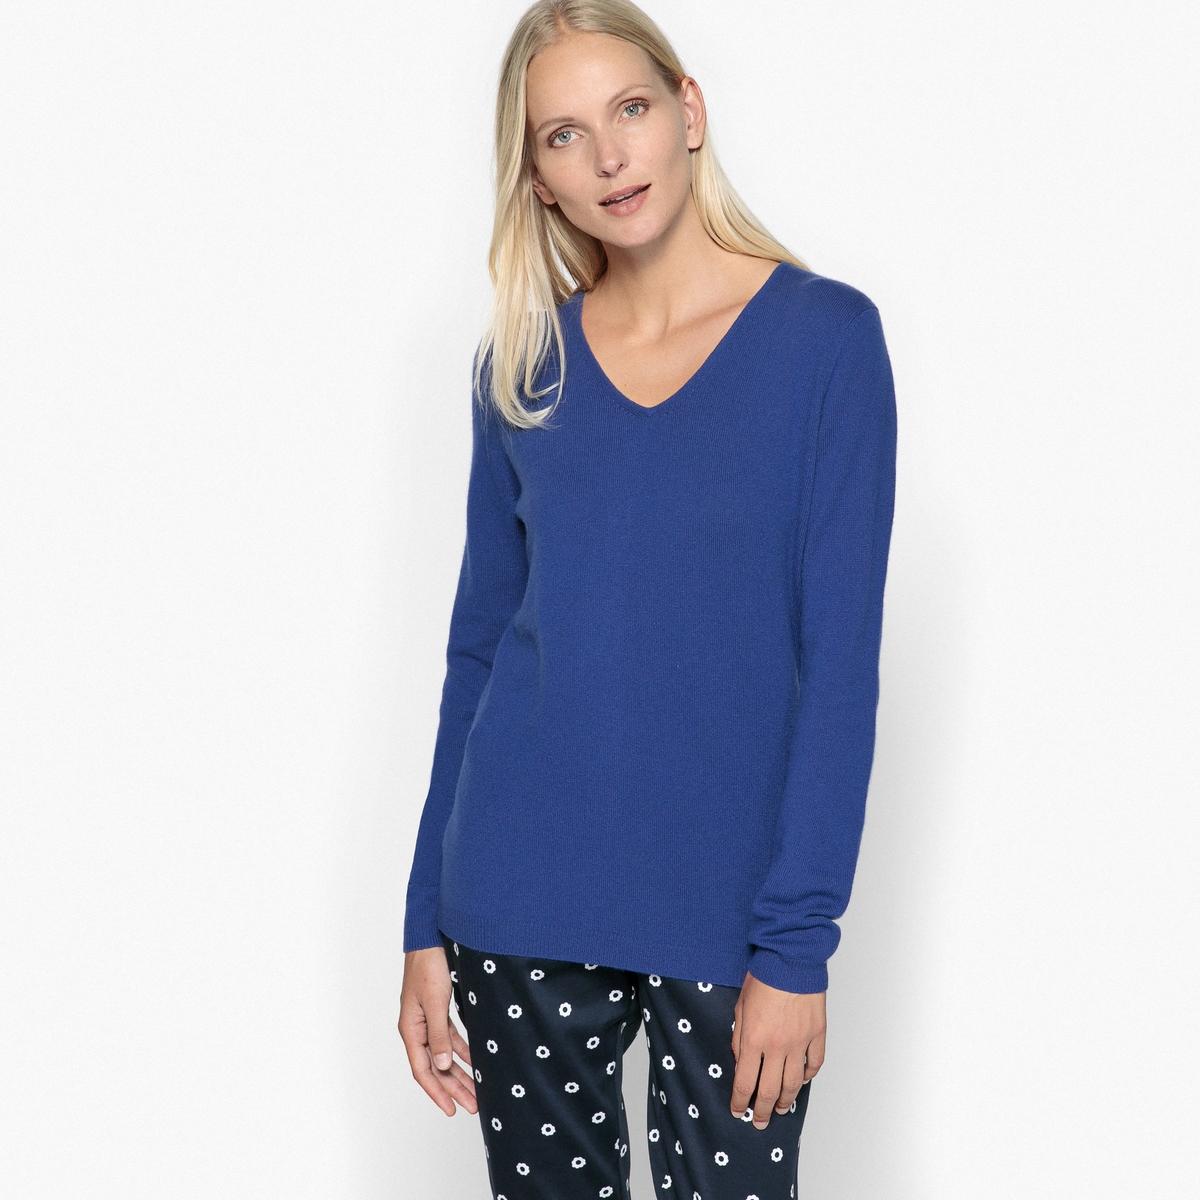 Пуловер с V-образным вырезом из тонкого трикотажа, 100% кашемир пуловеры